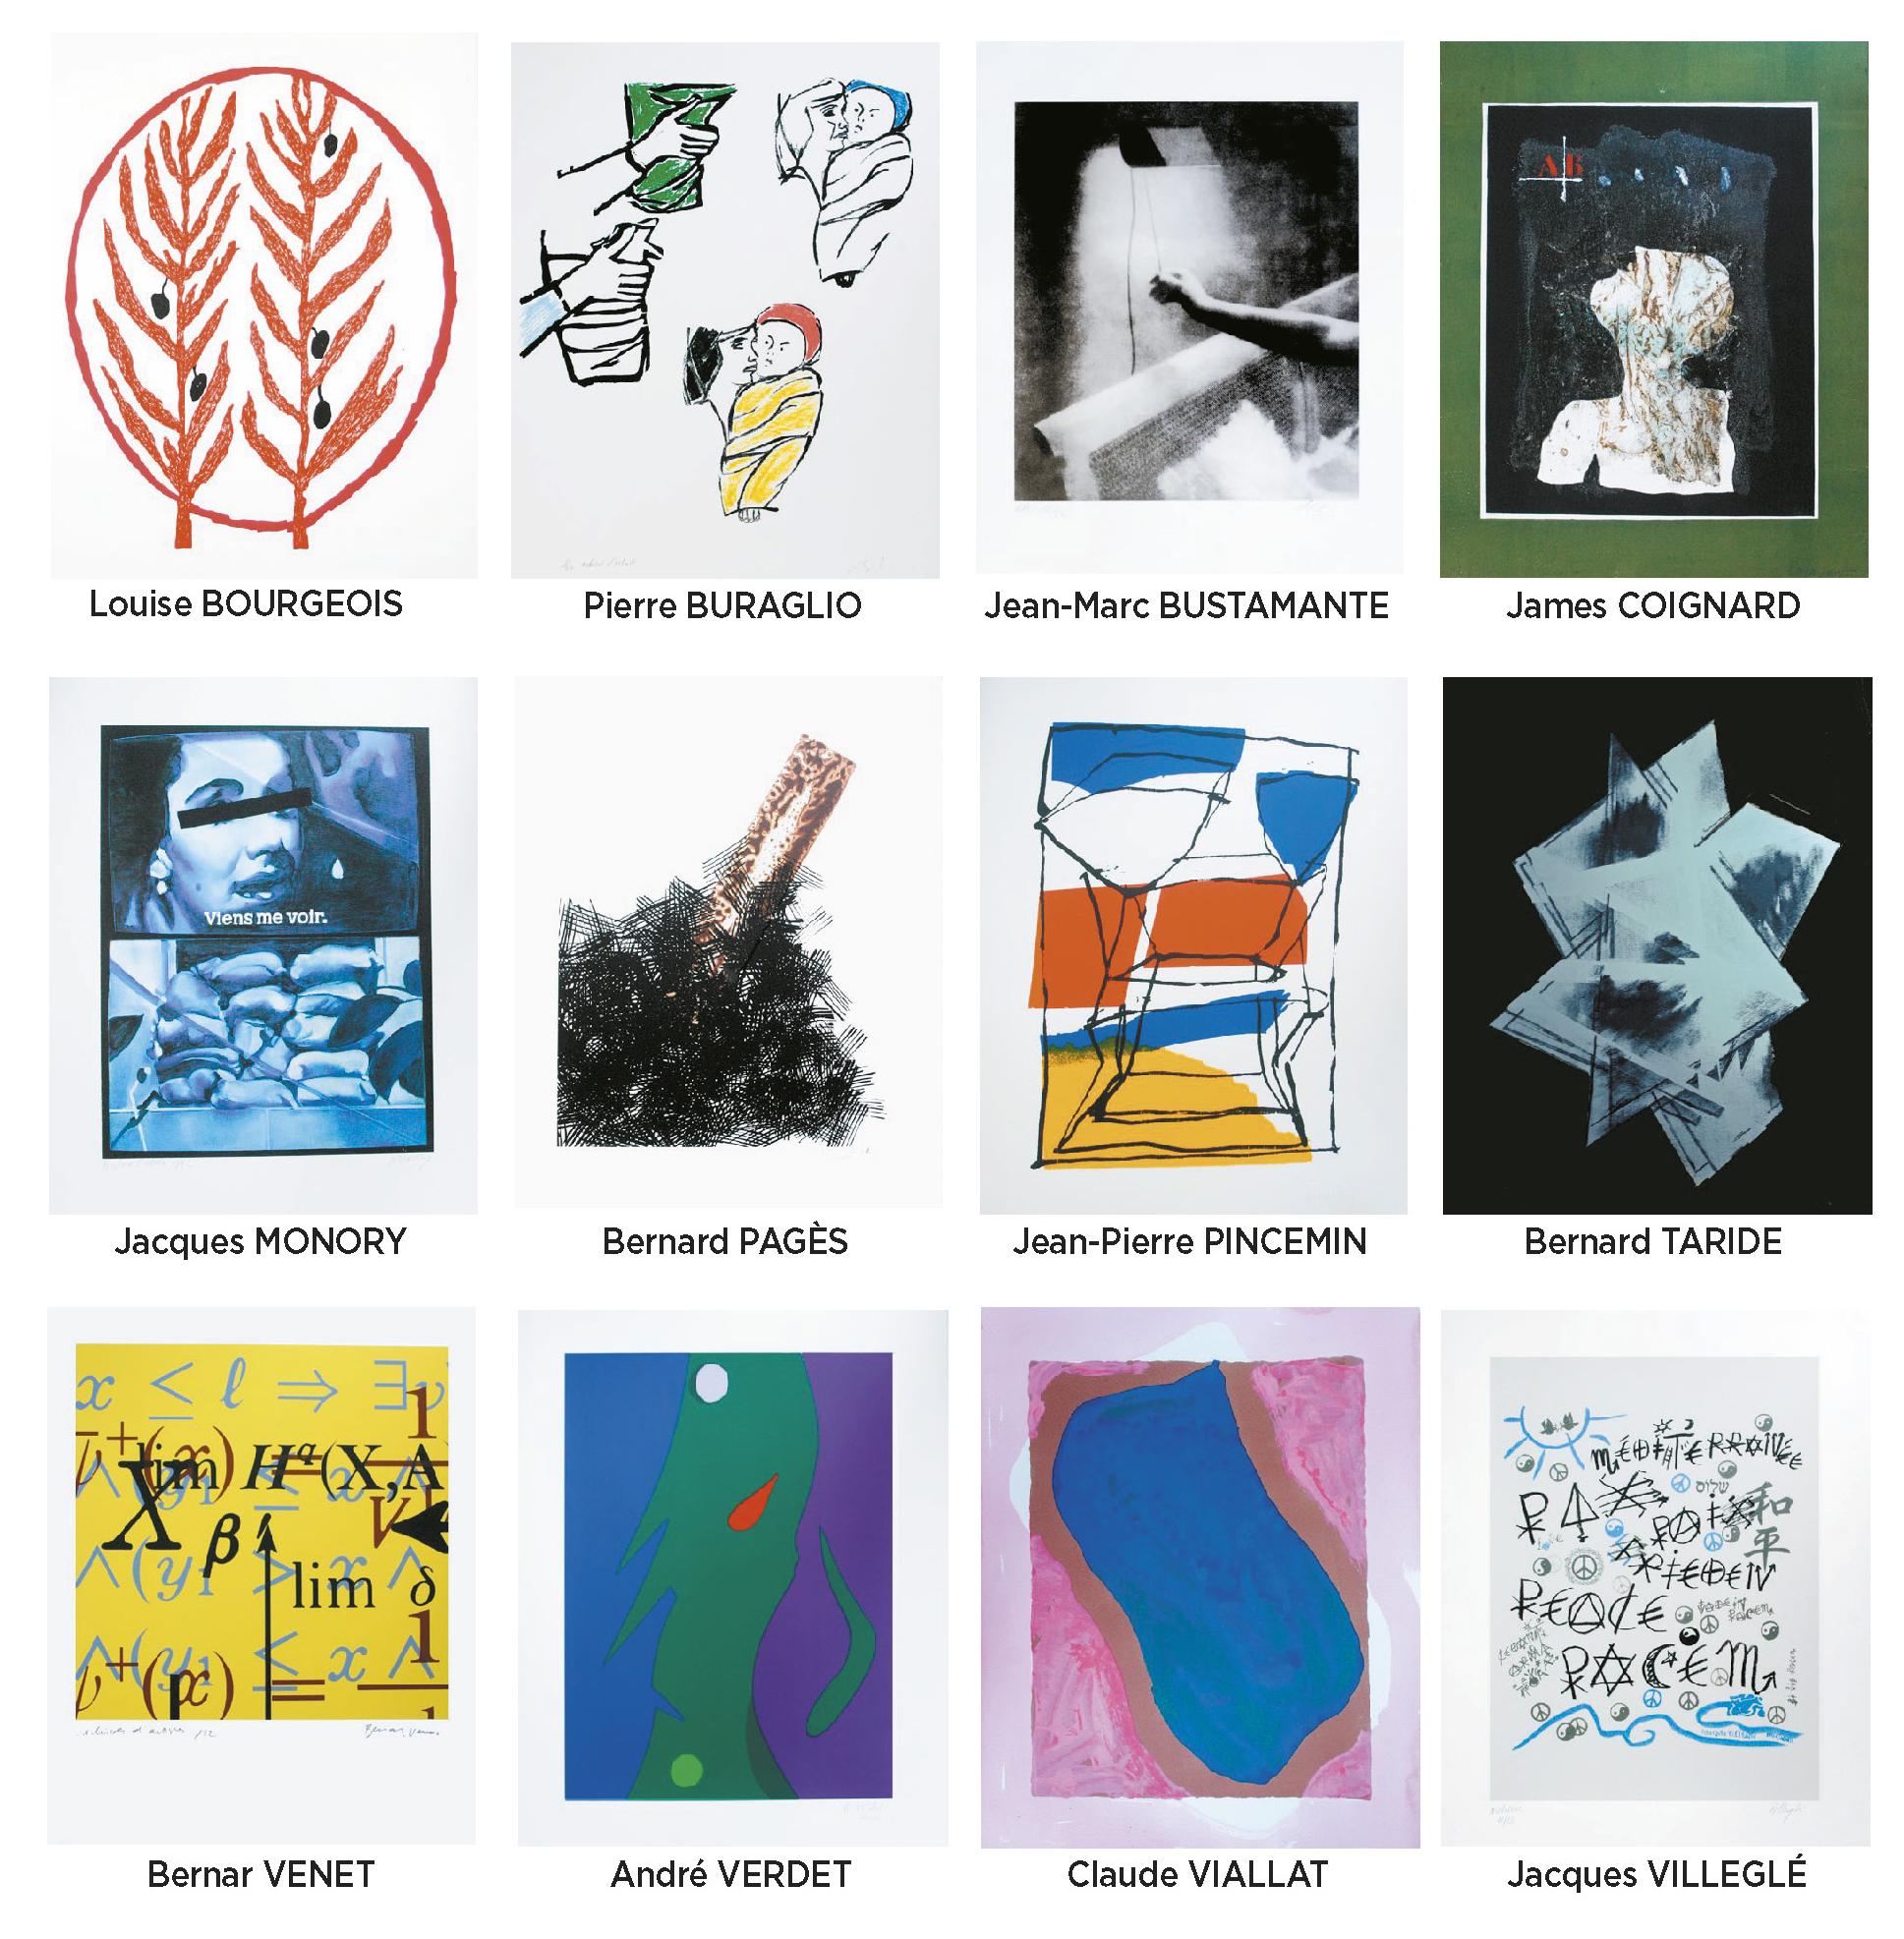 Lot 47 - Méditerranéennes de la paix Portfolio « art pour la paix», 2005 22 serigraph / [...]